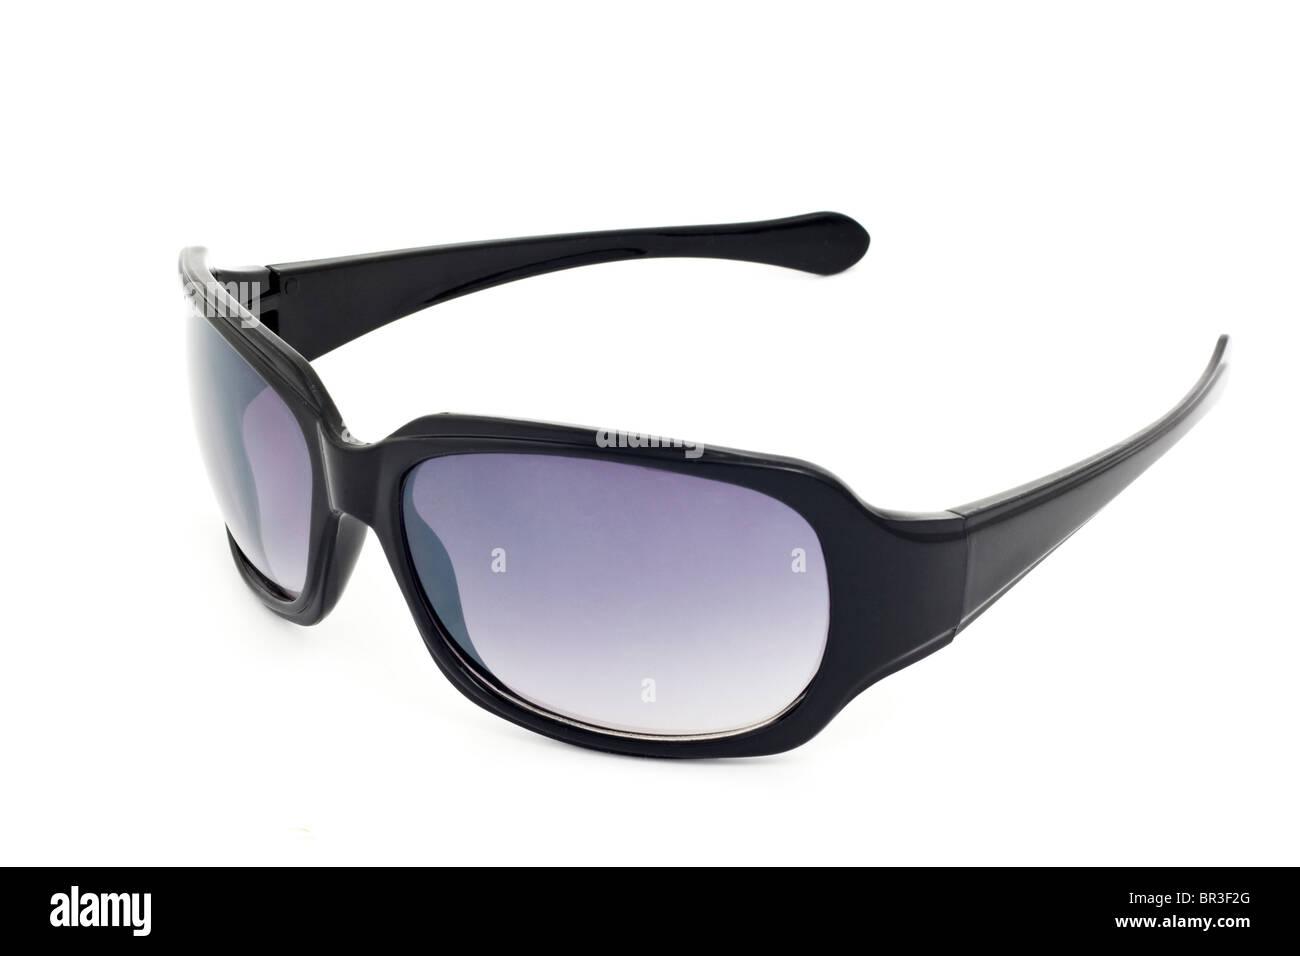 gehobene Qualität heißer verkauf rabatt abholen Sonnenbrille schwarz Kunststoff mit blau getönte Gläser auf ...